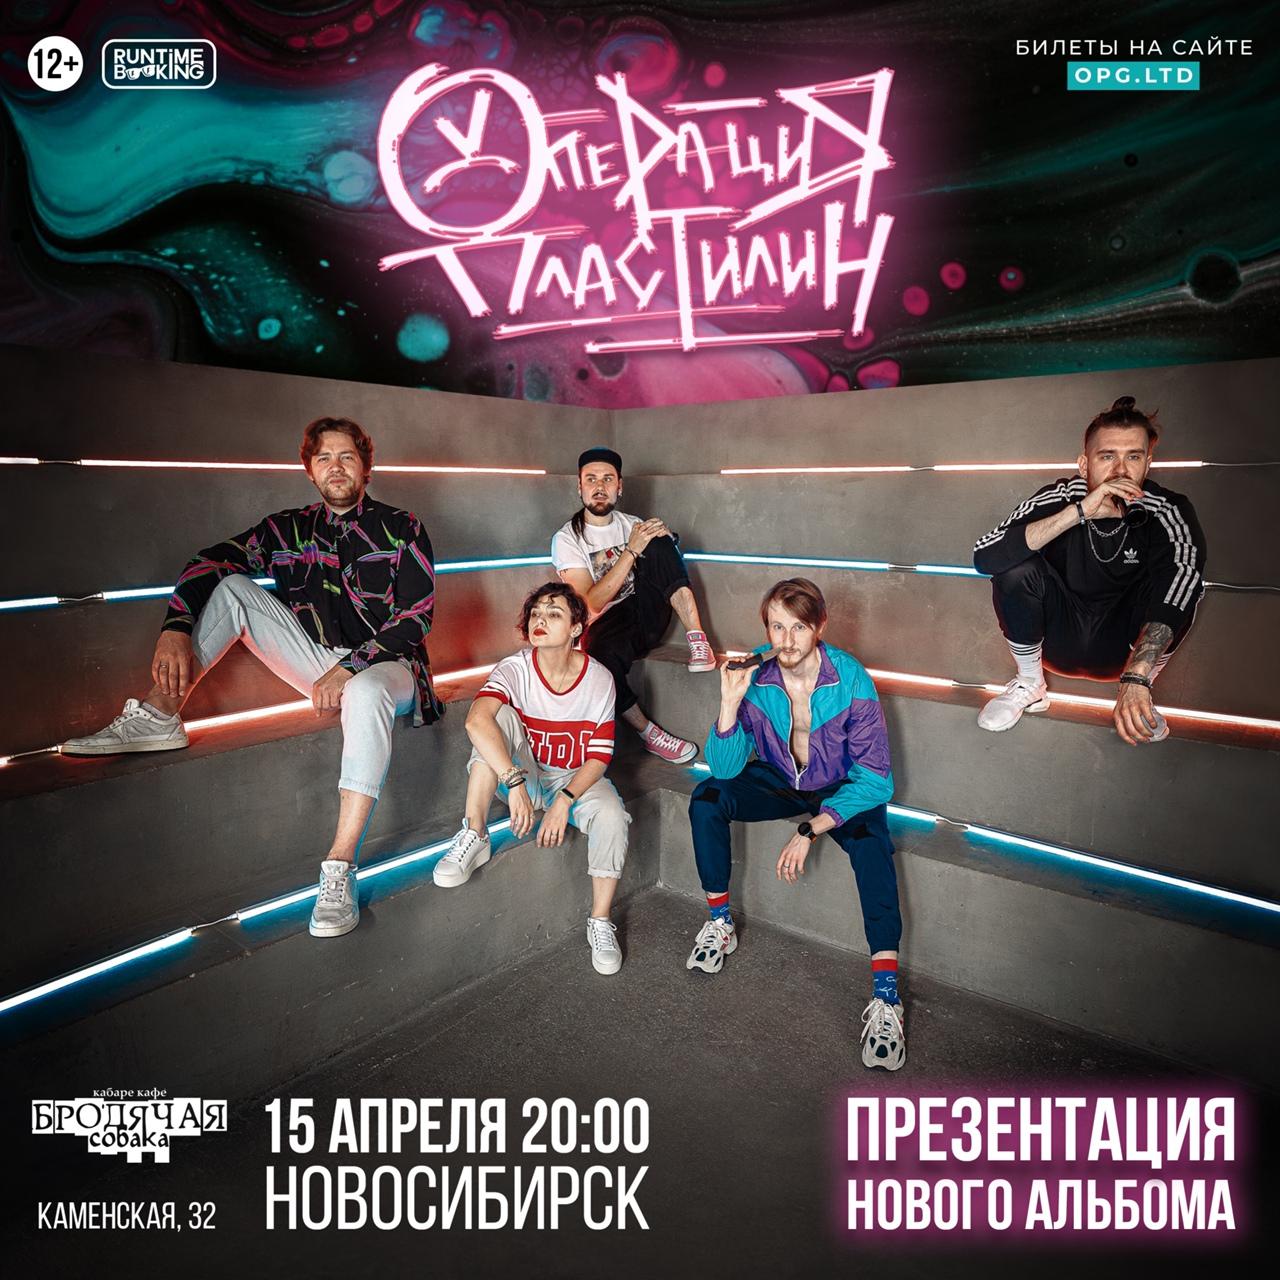 Афиша Новосибирск 15.04 - Операция Пластилин ОТМЕНА!